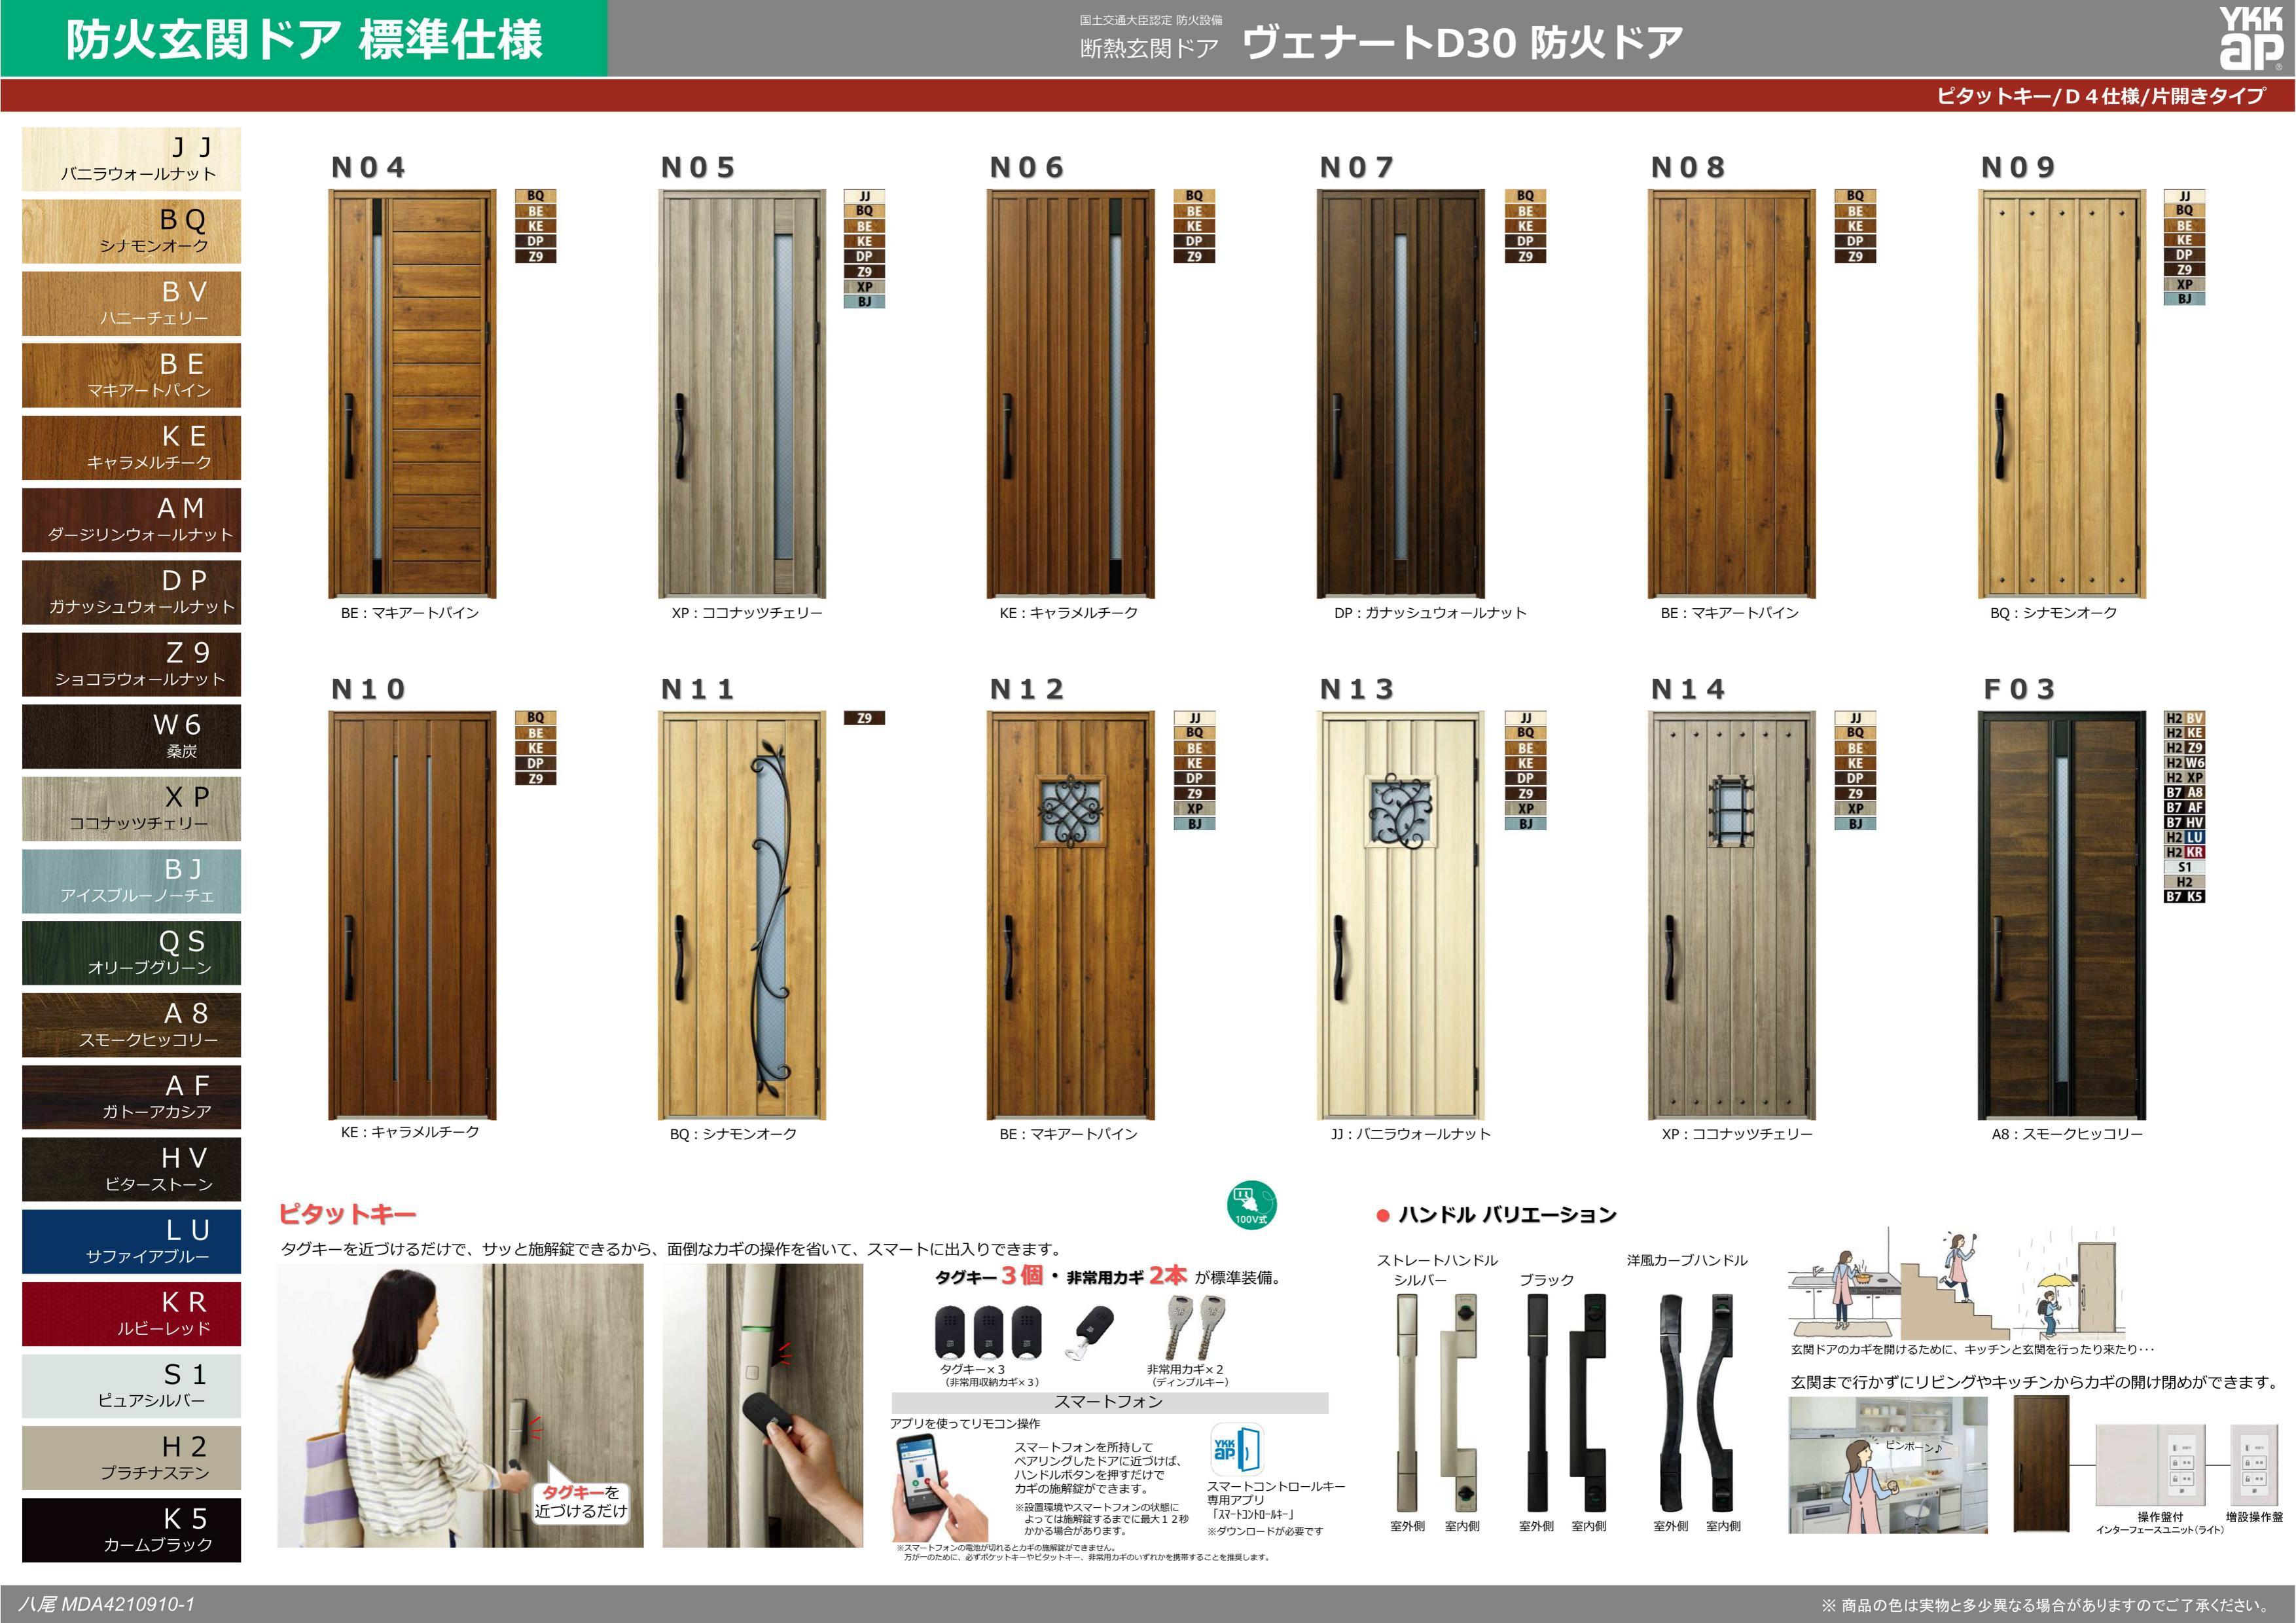 断熱玄関ドア ヴェナートD30 防火ドア ピタットkey/D4仕様/片開きタイプ